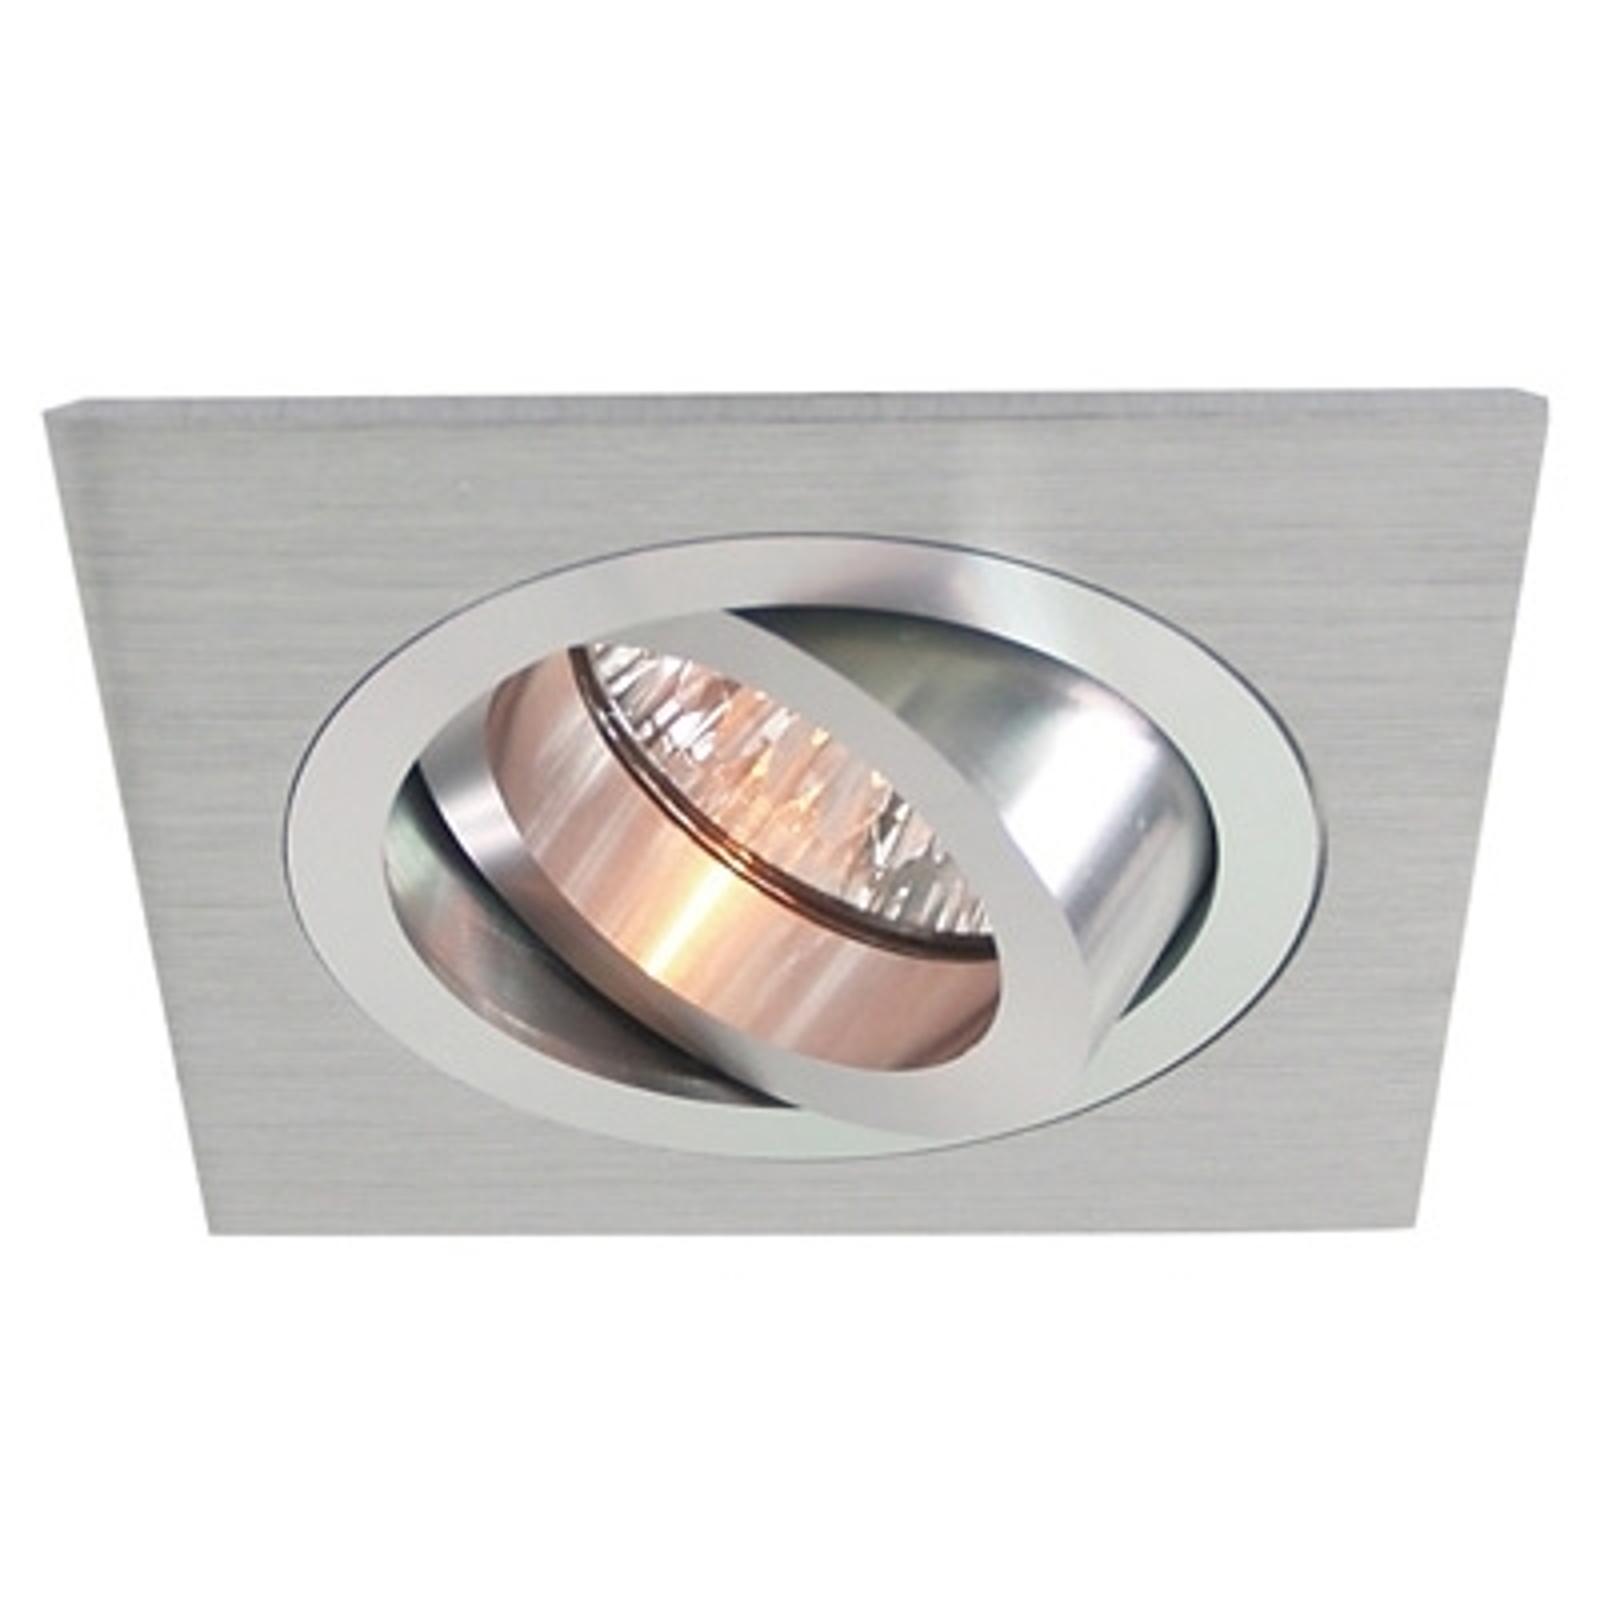 Käännettävä alumiiniasennusrengas, 9,2x9,2cm alu